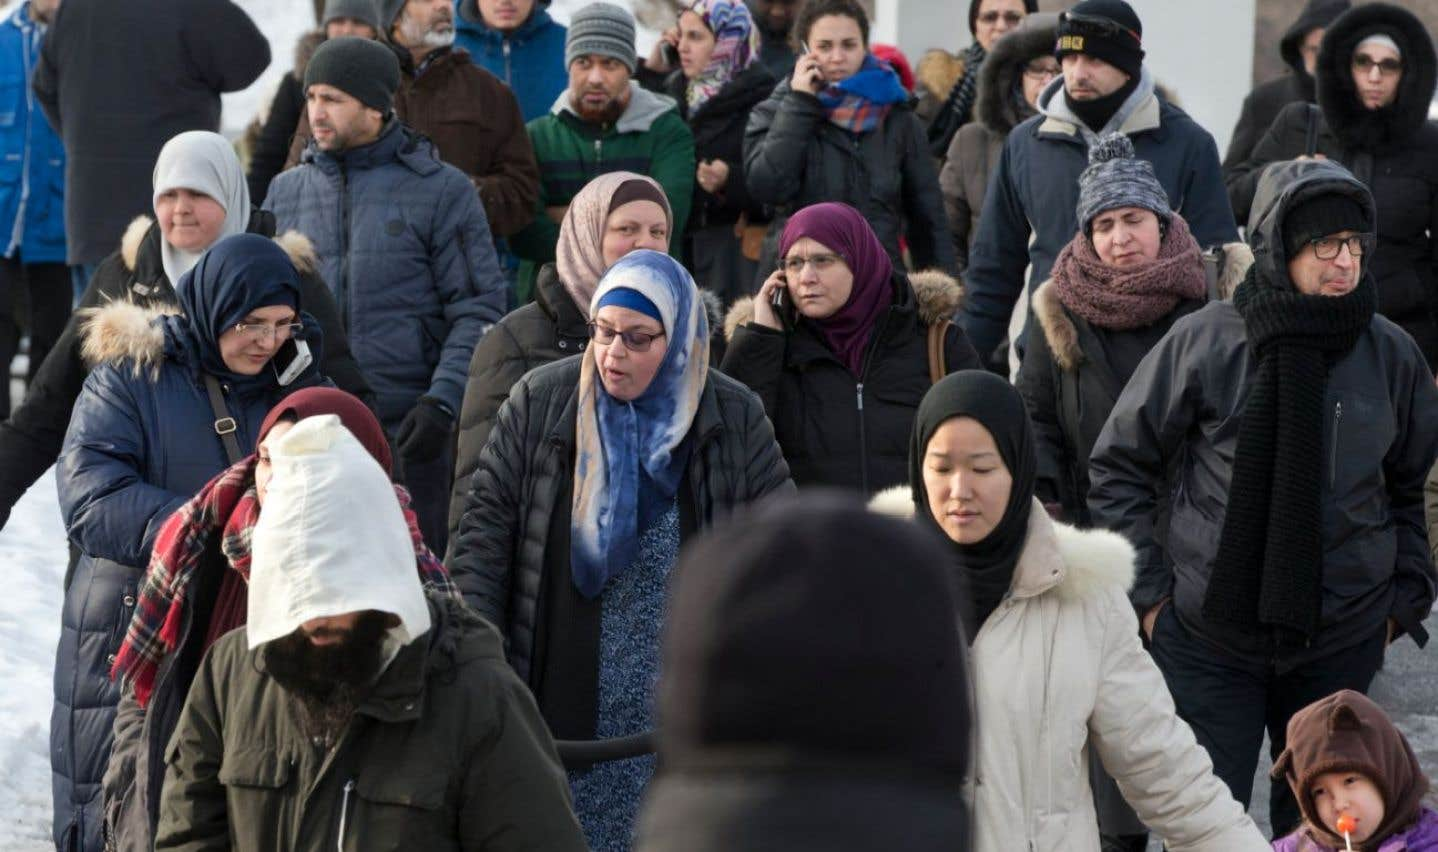 Une coalition demande aux gouvernements de lutter contre l'islamophobie